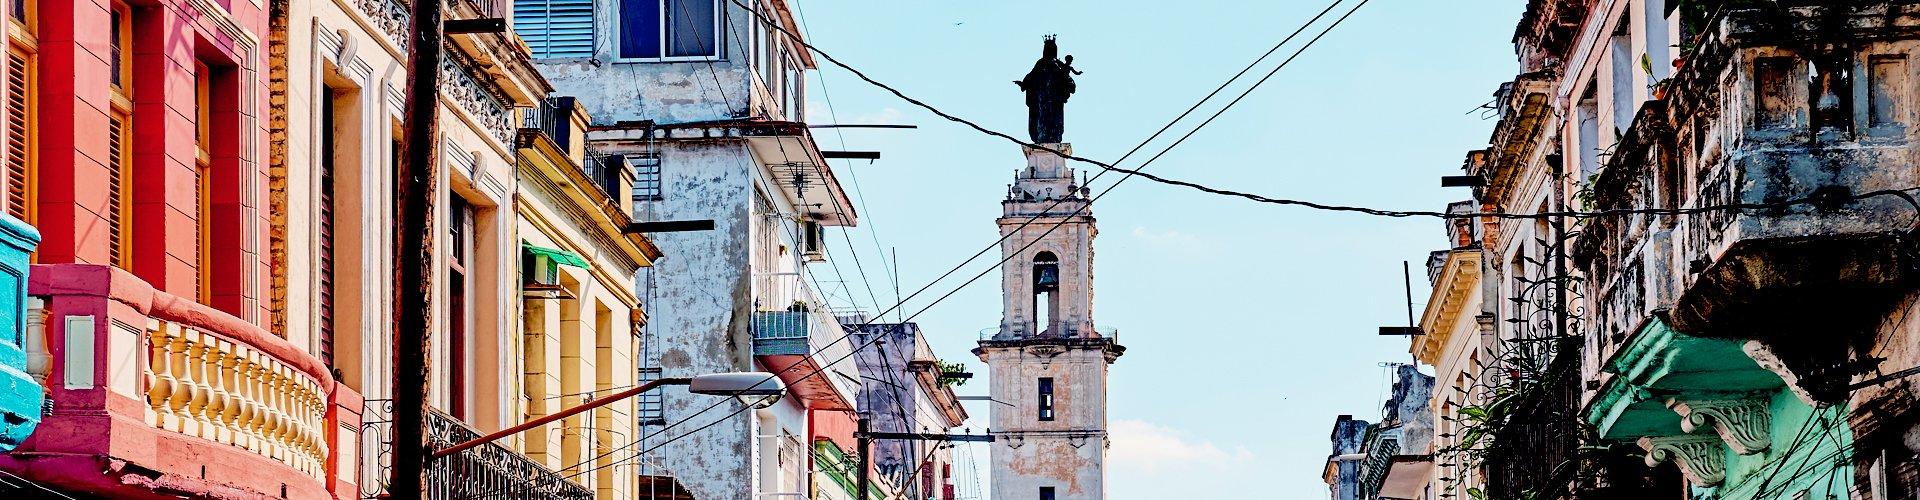 Straatbeeld Havana, Cuba